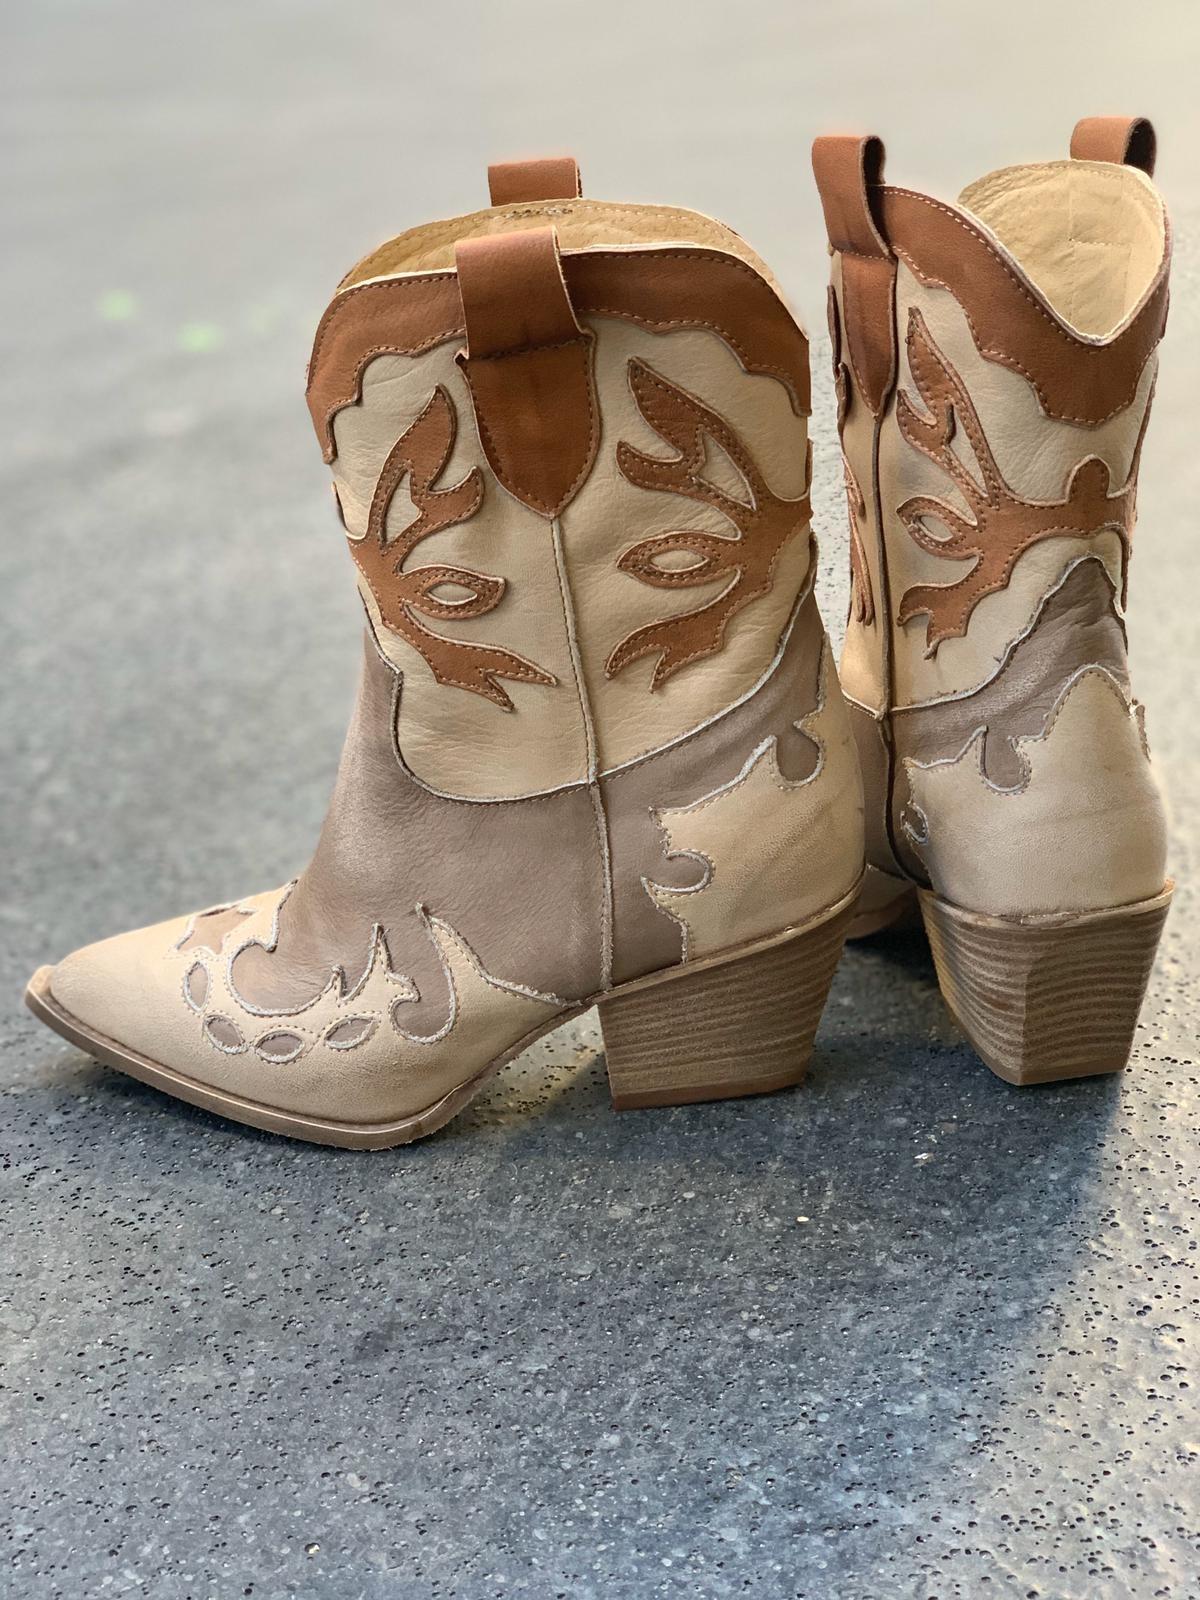 Nouvelle boots santiag femme multicolore au design si